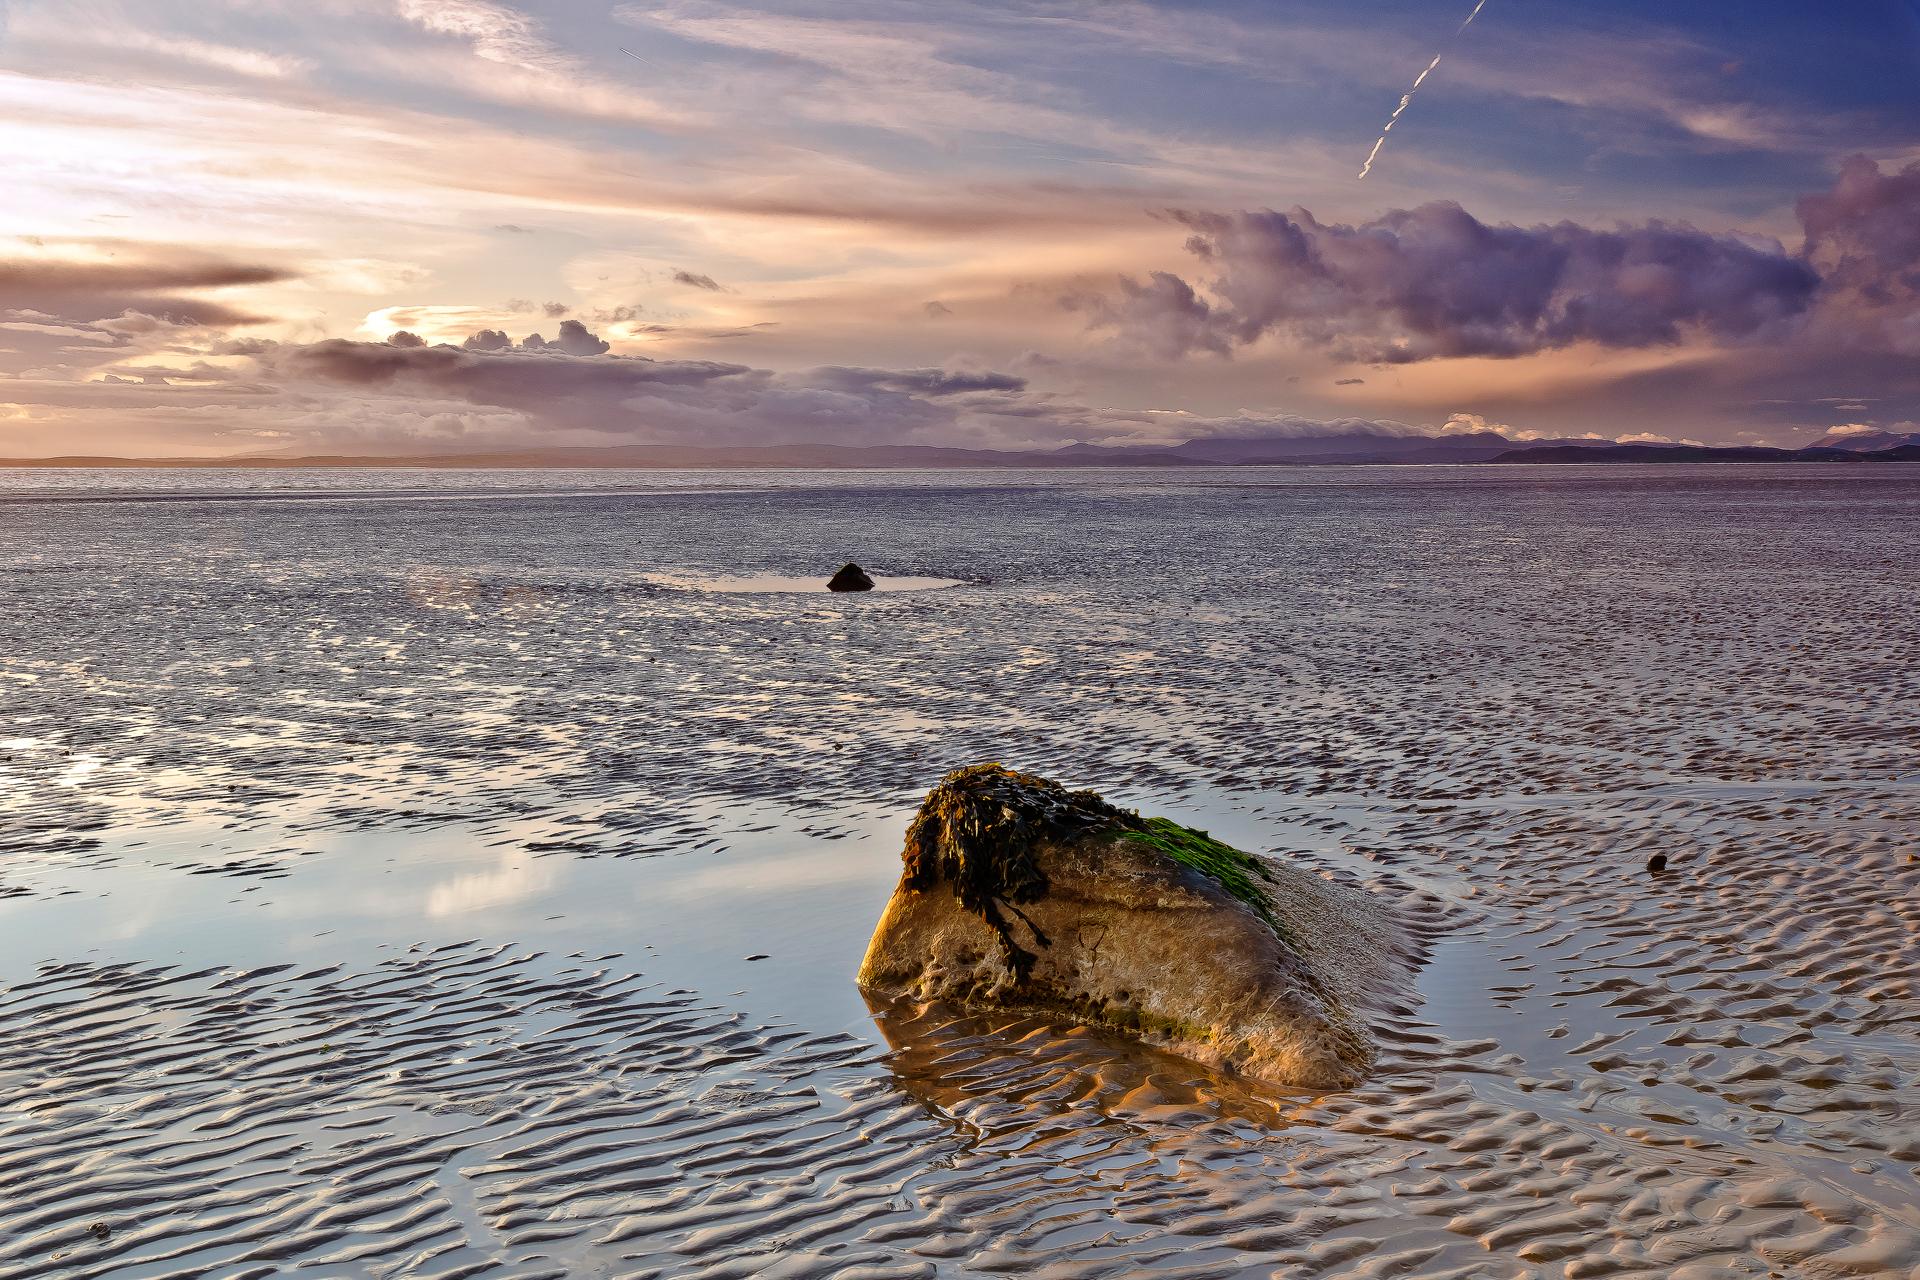 камни небо море  № 1491341 загрузить